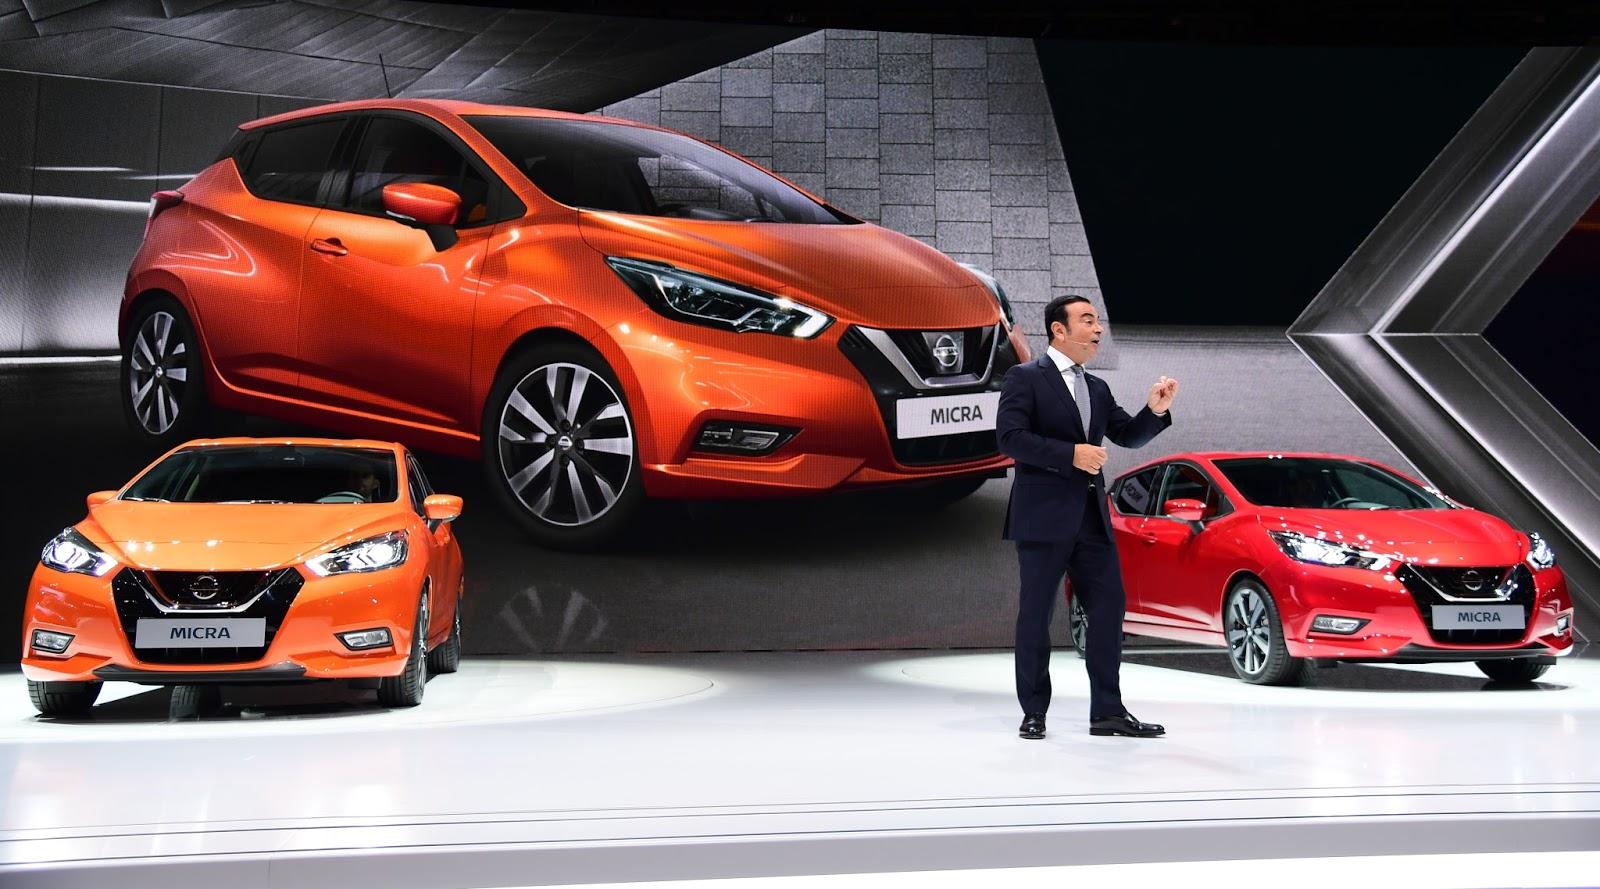 Με το νέο MICRA στο Σαλόνι Αυτοκινήτου του Παρισιού, η  Nissan εκτοξεύει την γκάμα της σε νέα επίπεδα καινοτομίας και ενθουσιασμού